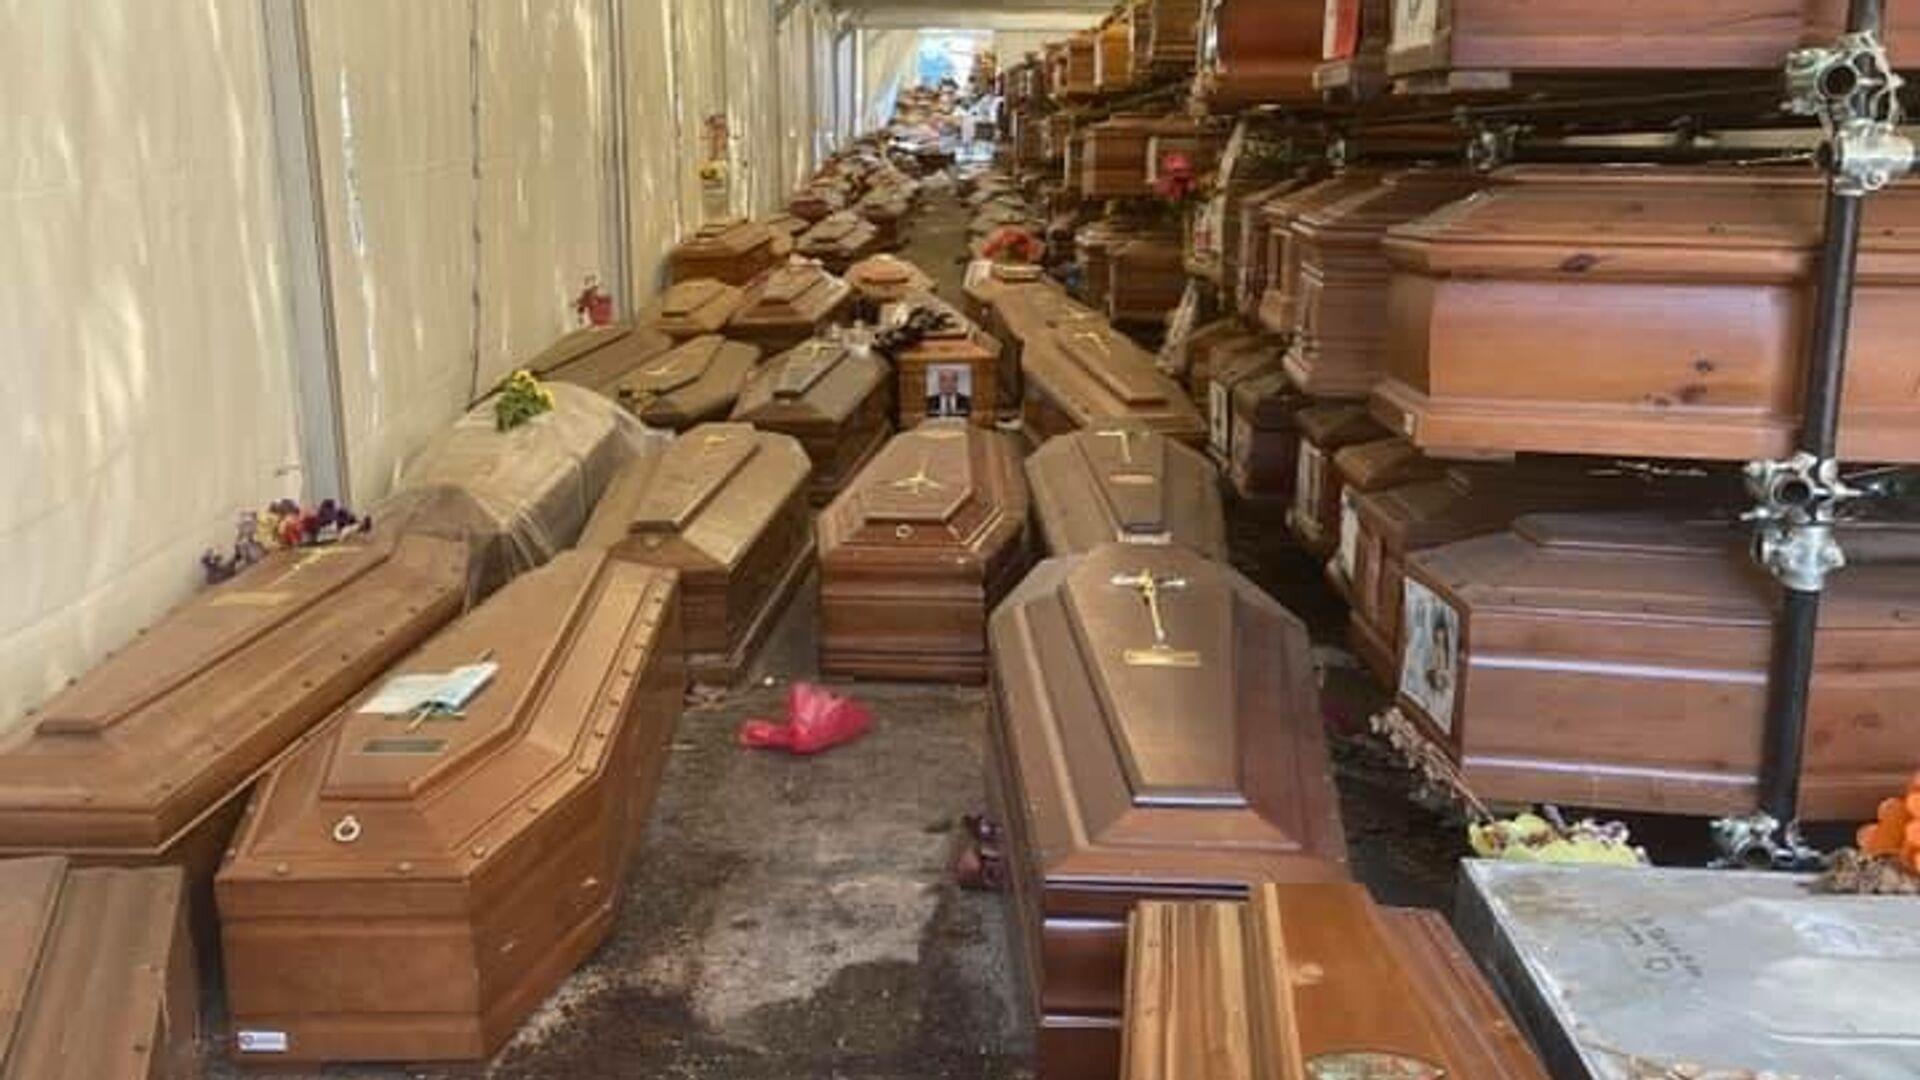 Le bare in attesa di sepoltura al Cimitero di Santa Maria dei Rotoli a Palermo - Sputnik Italia, 1920, 29.08.2021